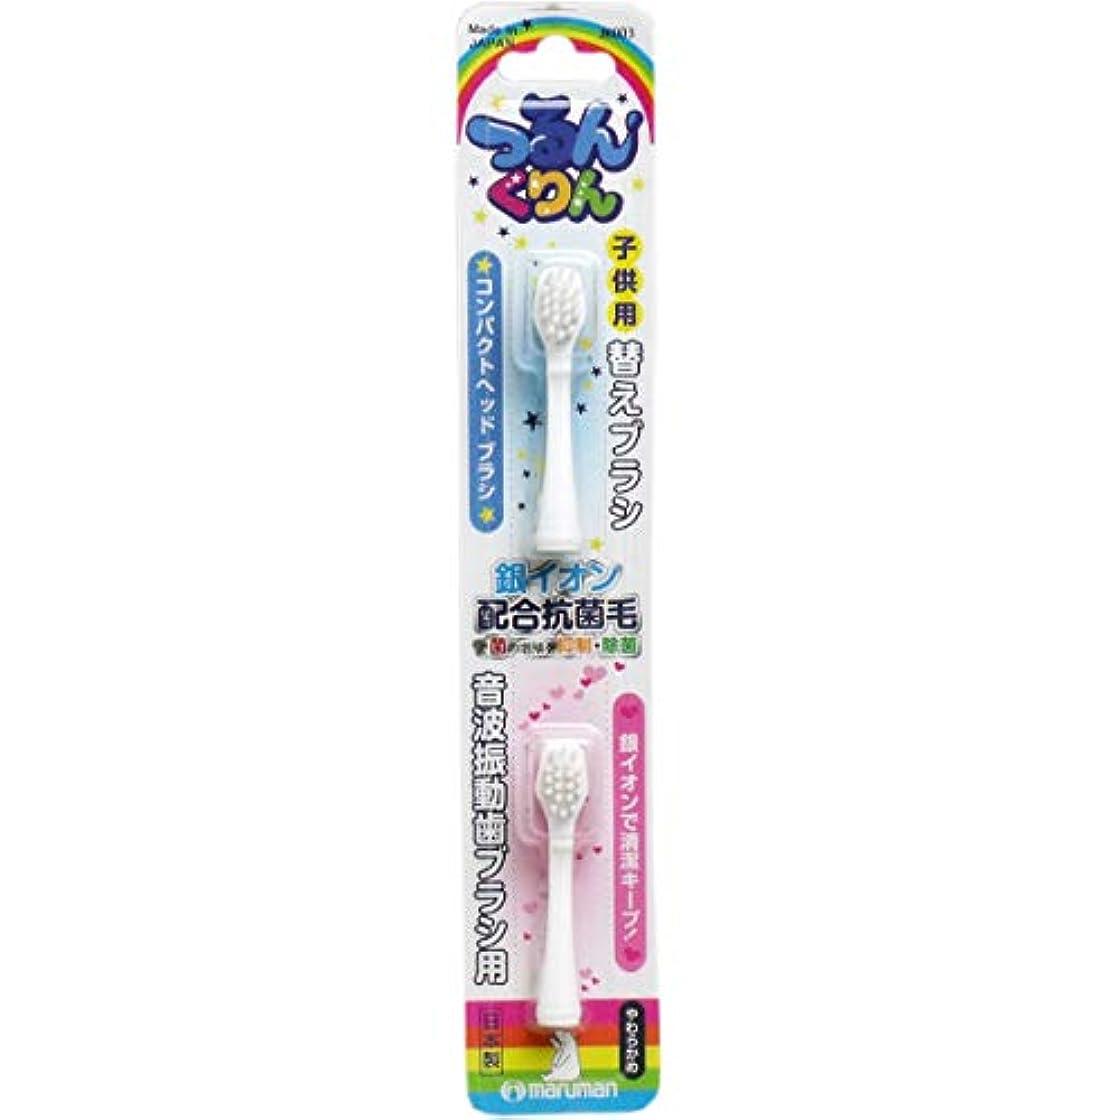 ビーム王族障害つるんくりん 音波振動歯ブラシ 子供用 替えブラシ JK003